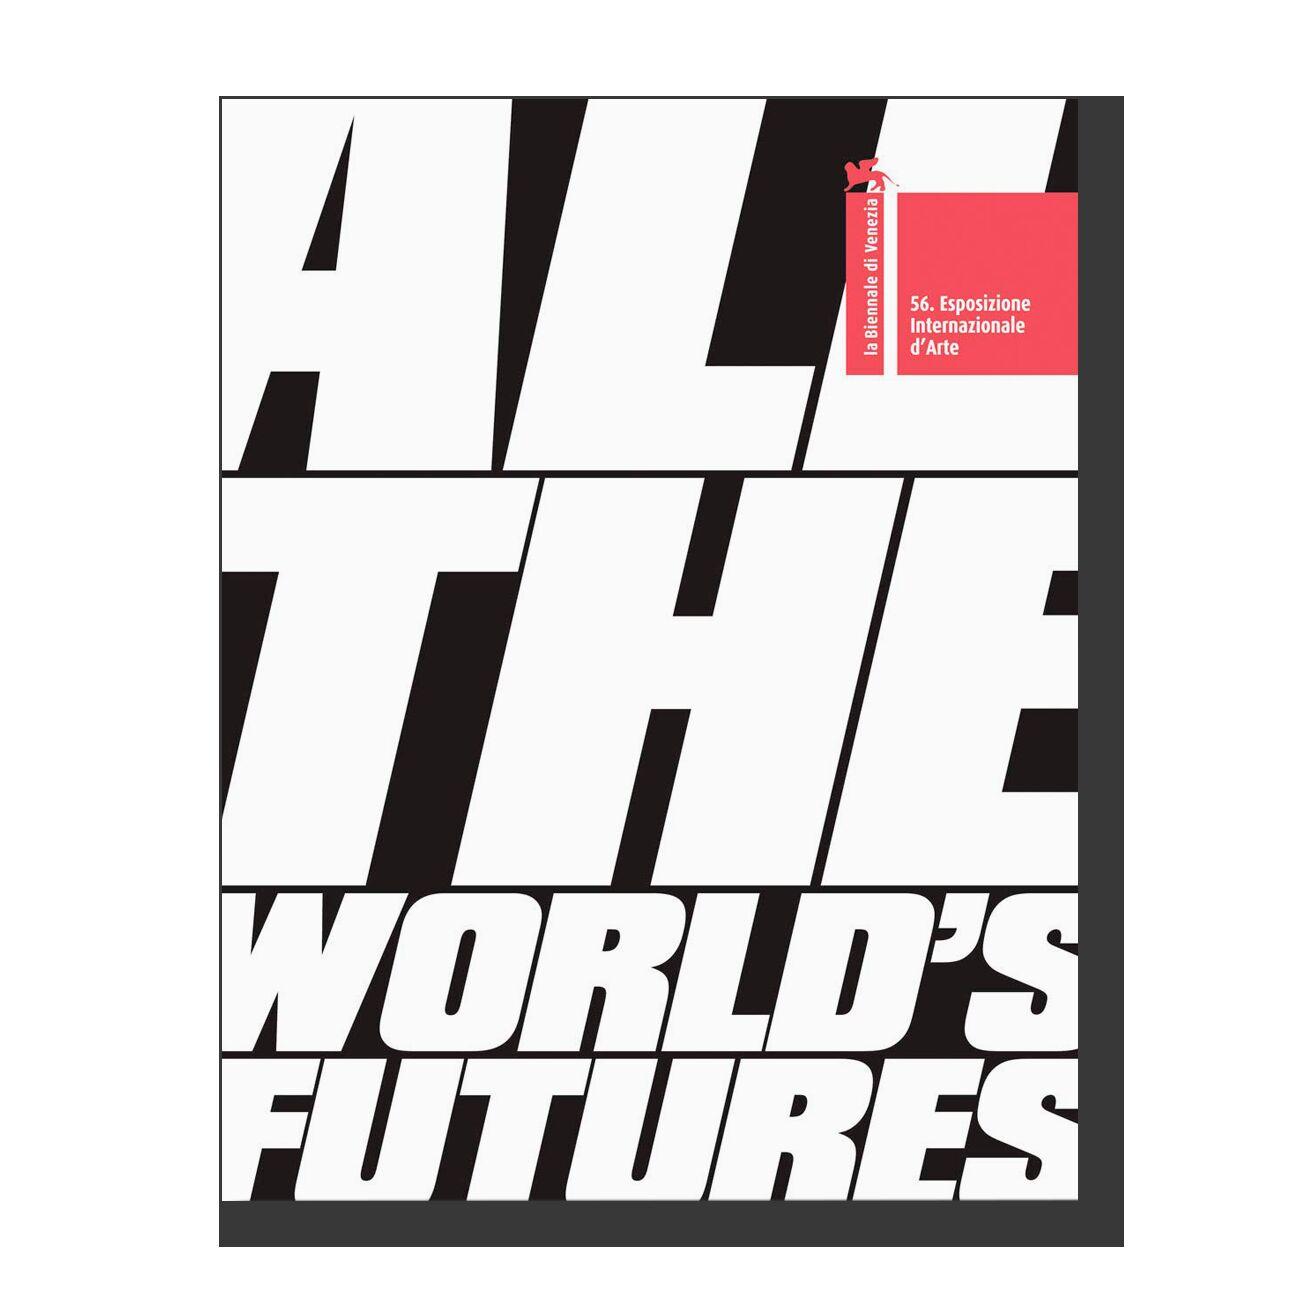 All the World's Futures: 56 International Art Exhibition. La Biennale Di Venezia